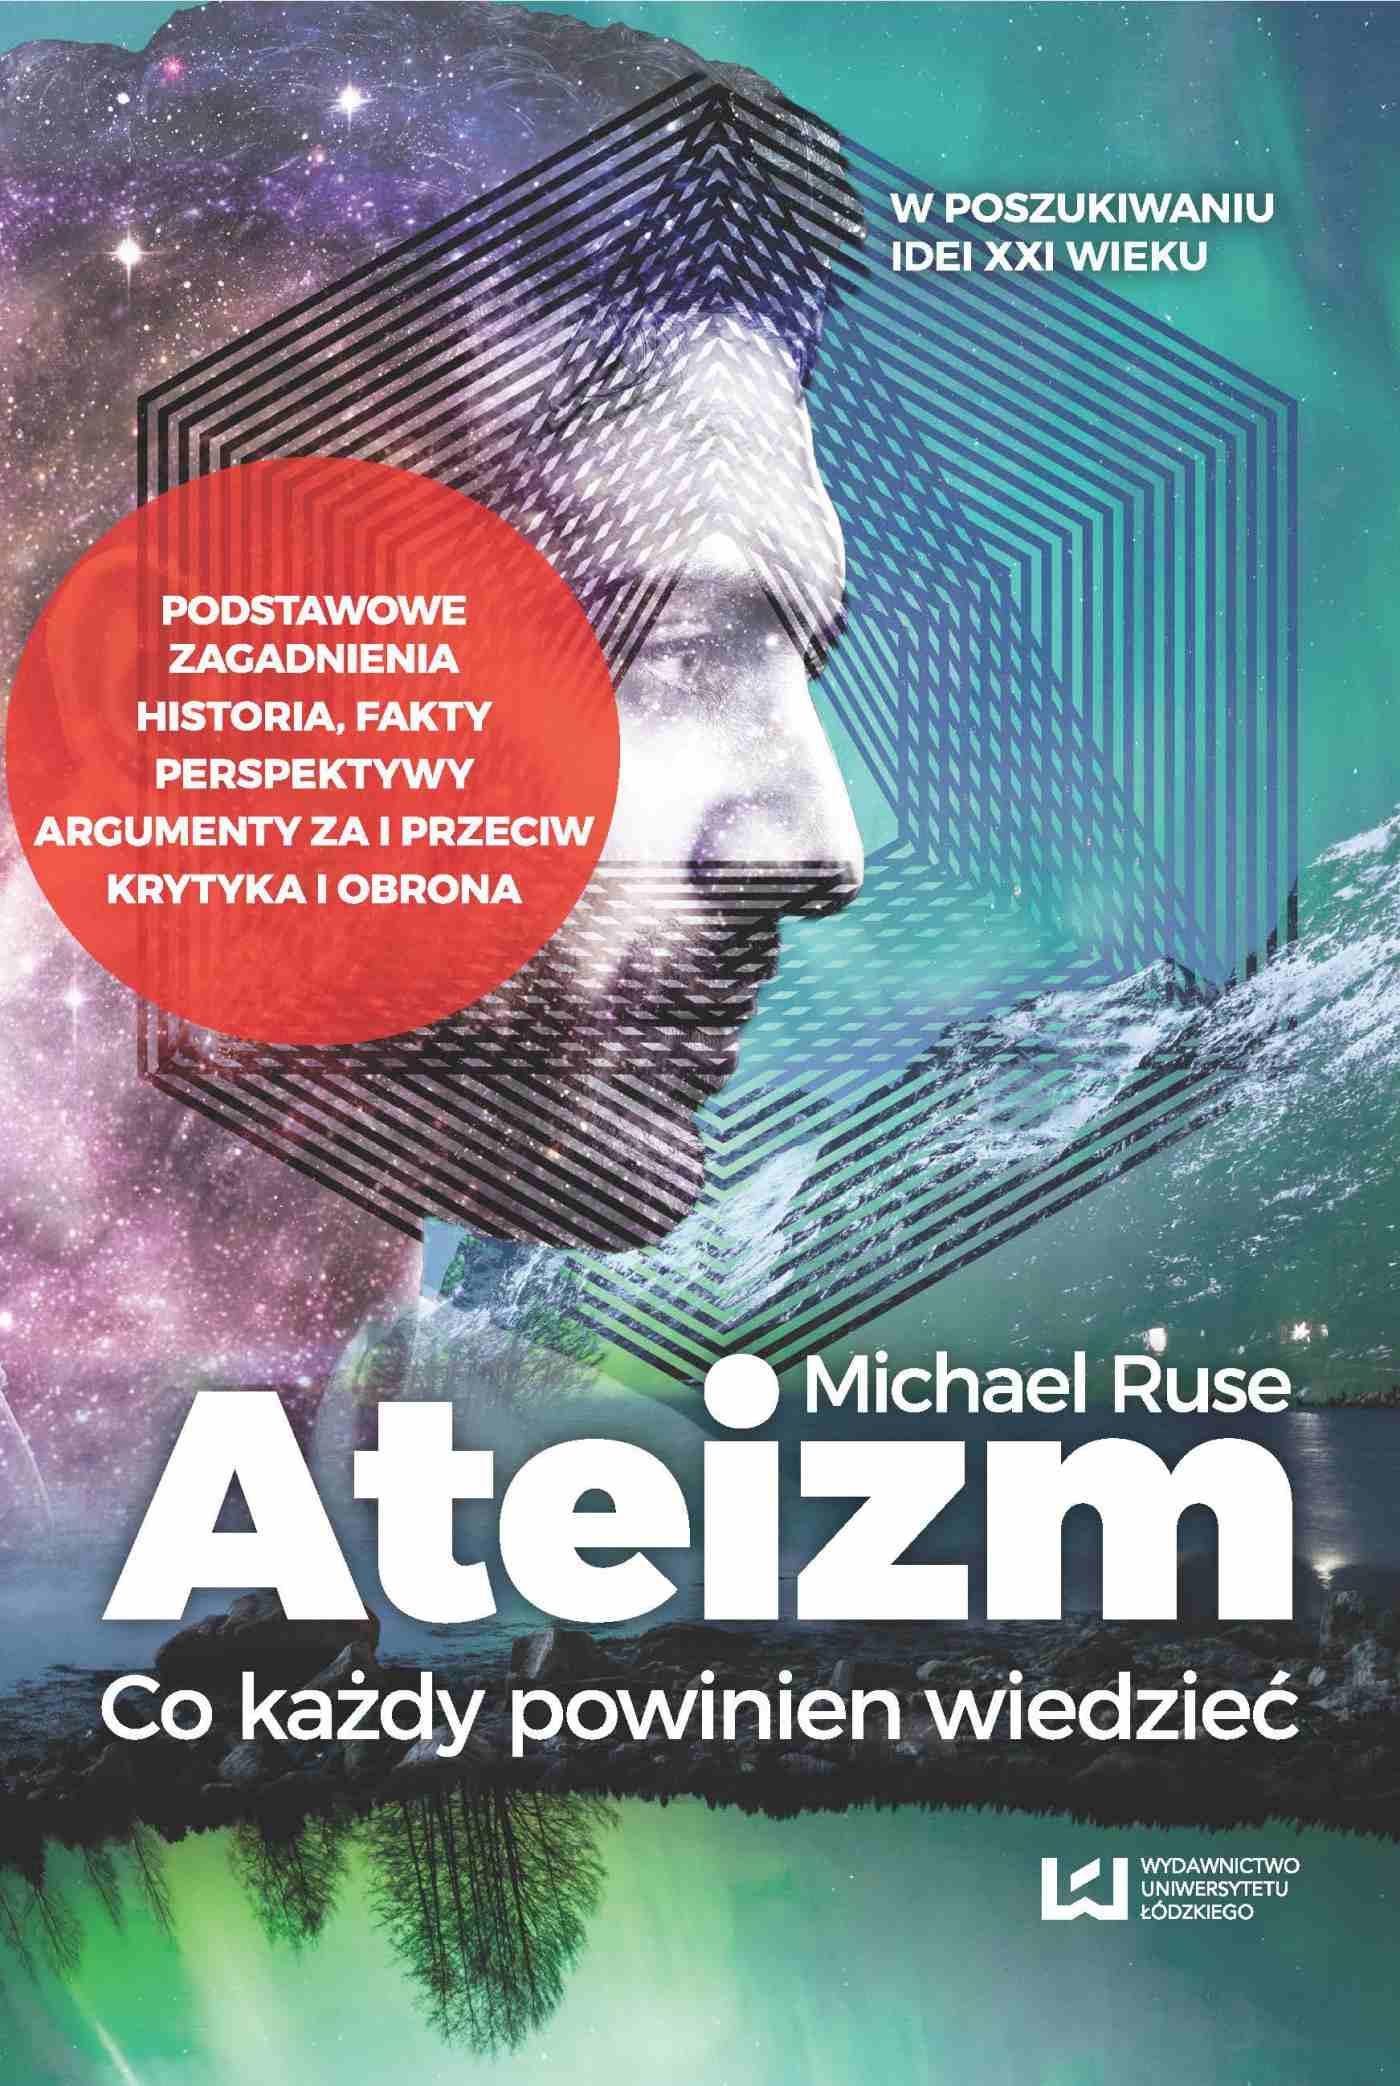 Ateizm. Co każdy powinien wiedzieć – w tłumaczeniu Tomasza Sieczkowskiego - Ebook (Książka na Kindle) do pobrania w formacie MOBI